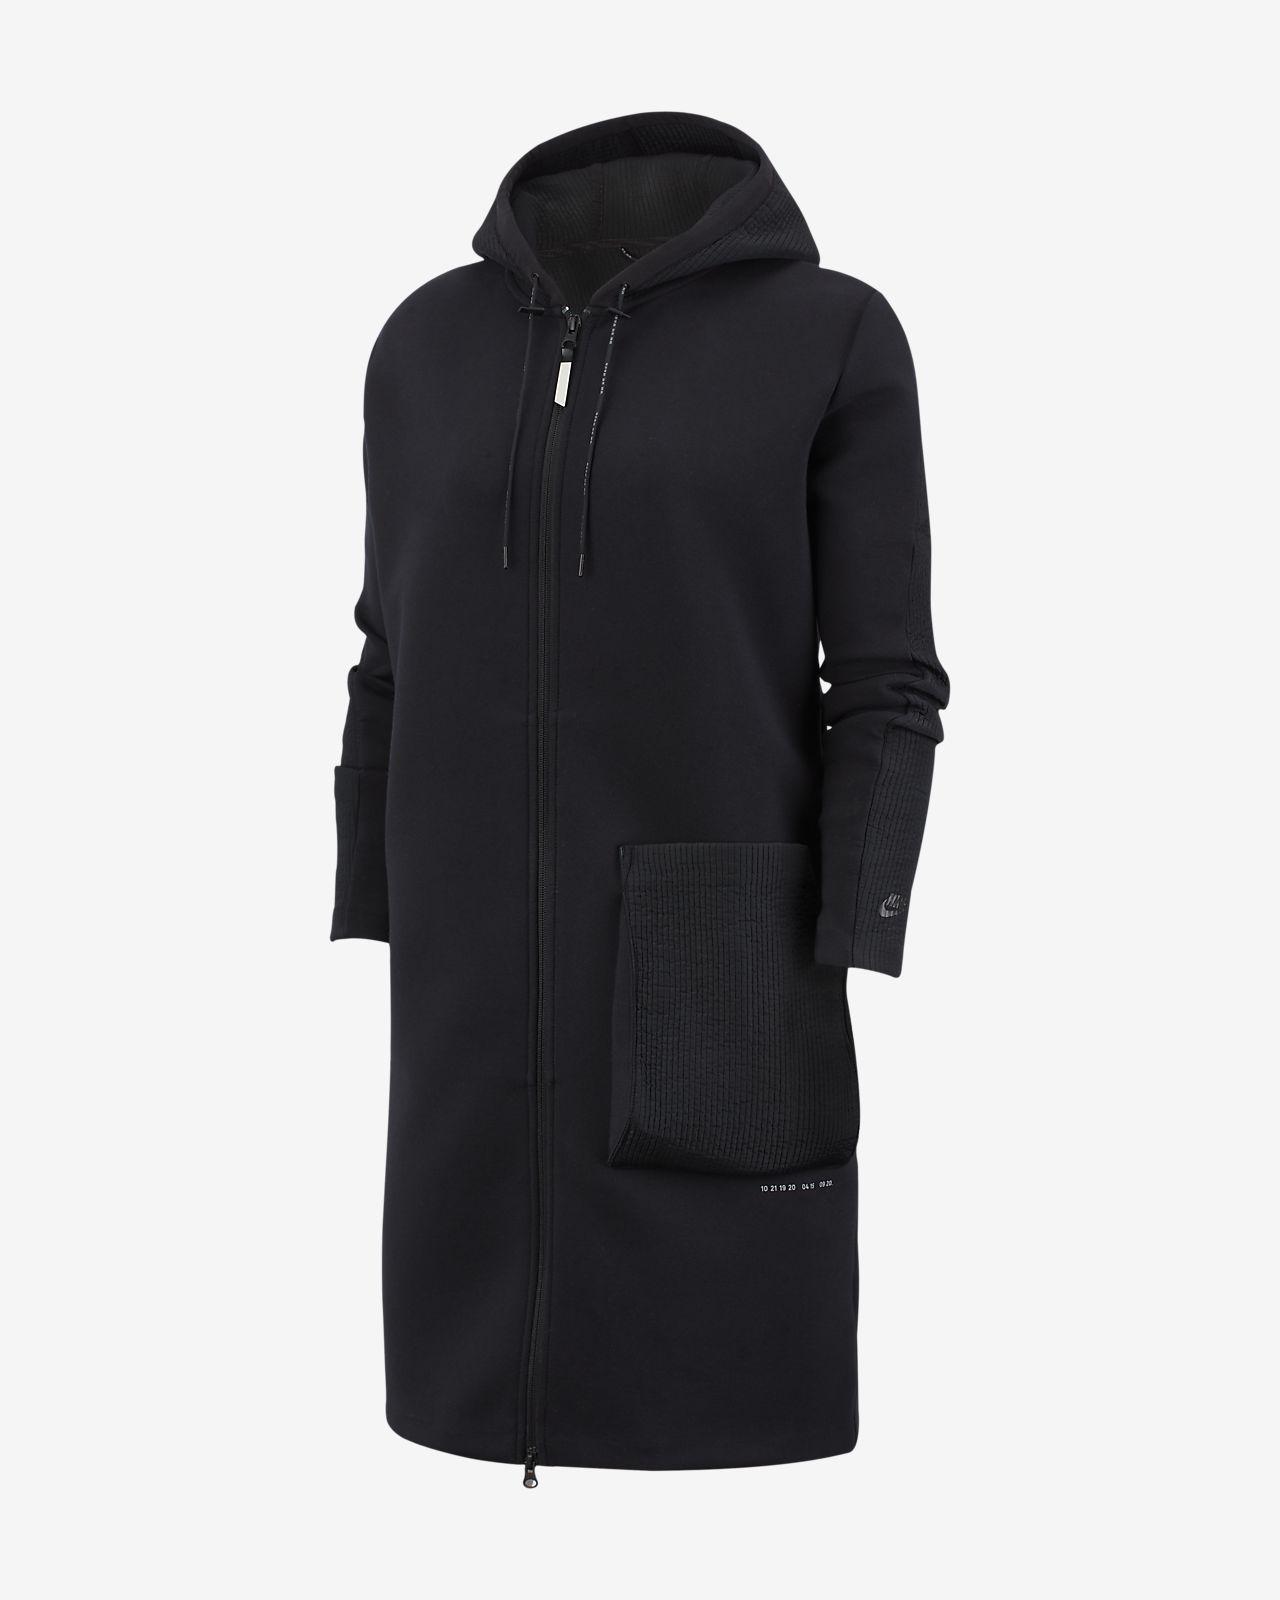 b0b36f2b55d0 Nike Sportswear Tech Pack Women s Fleece Jacket. Nike.com